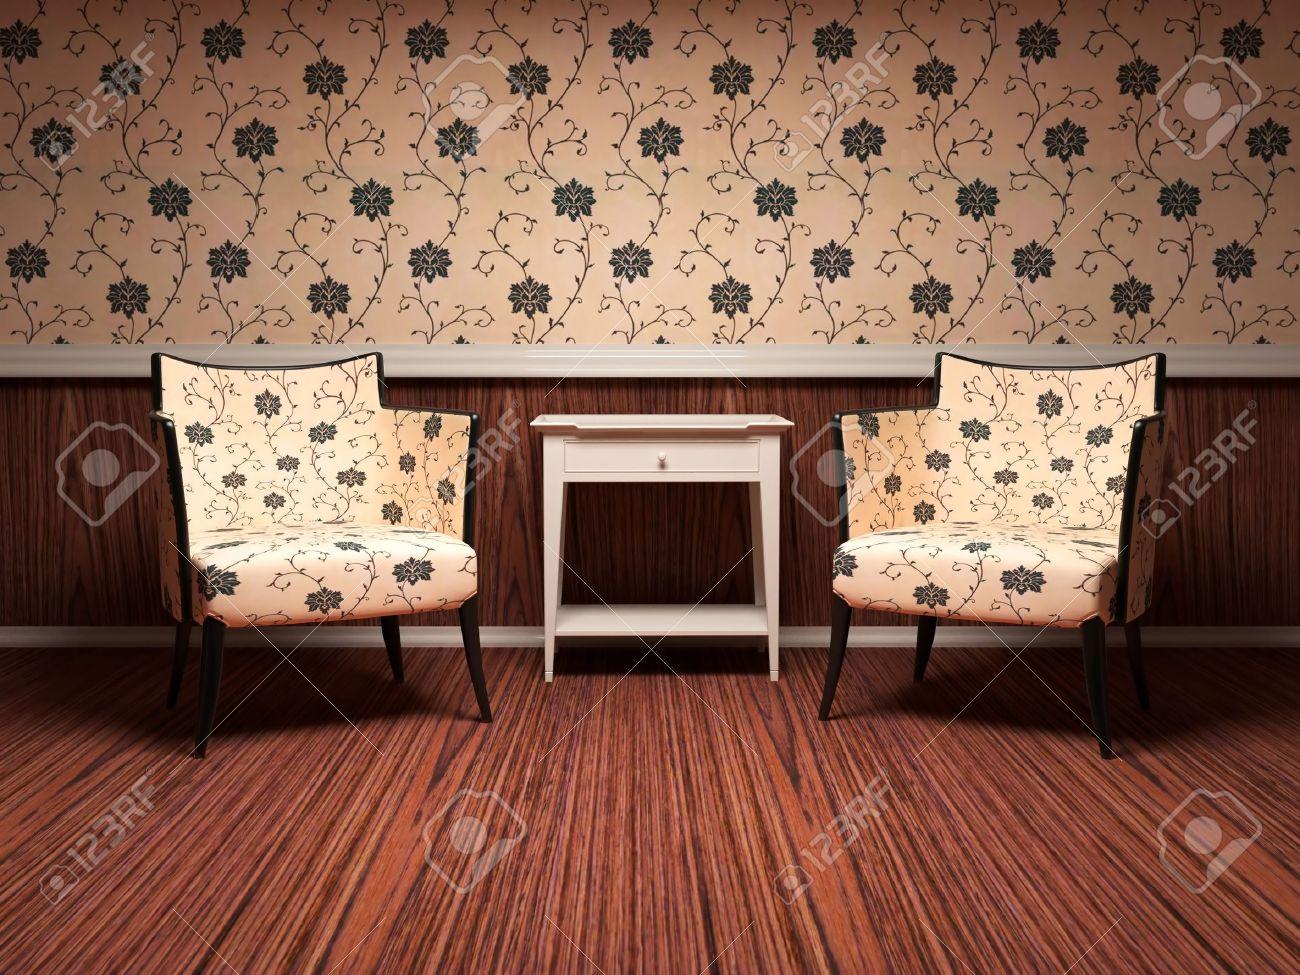 Interior Design Der Modernen Wohnzimmer, Holzboden, Florale Tapete ...